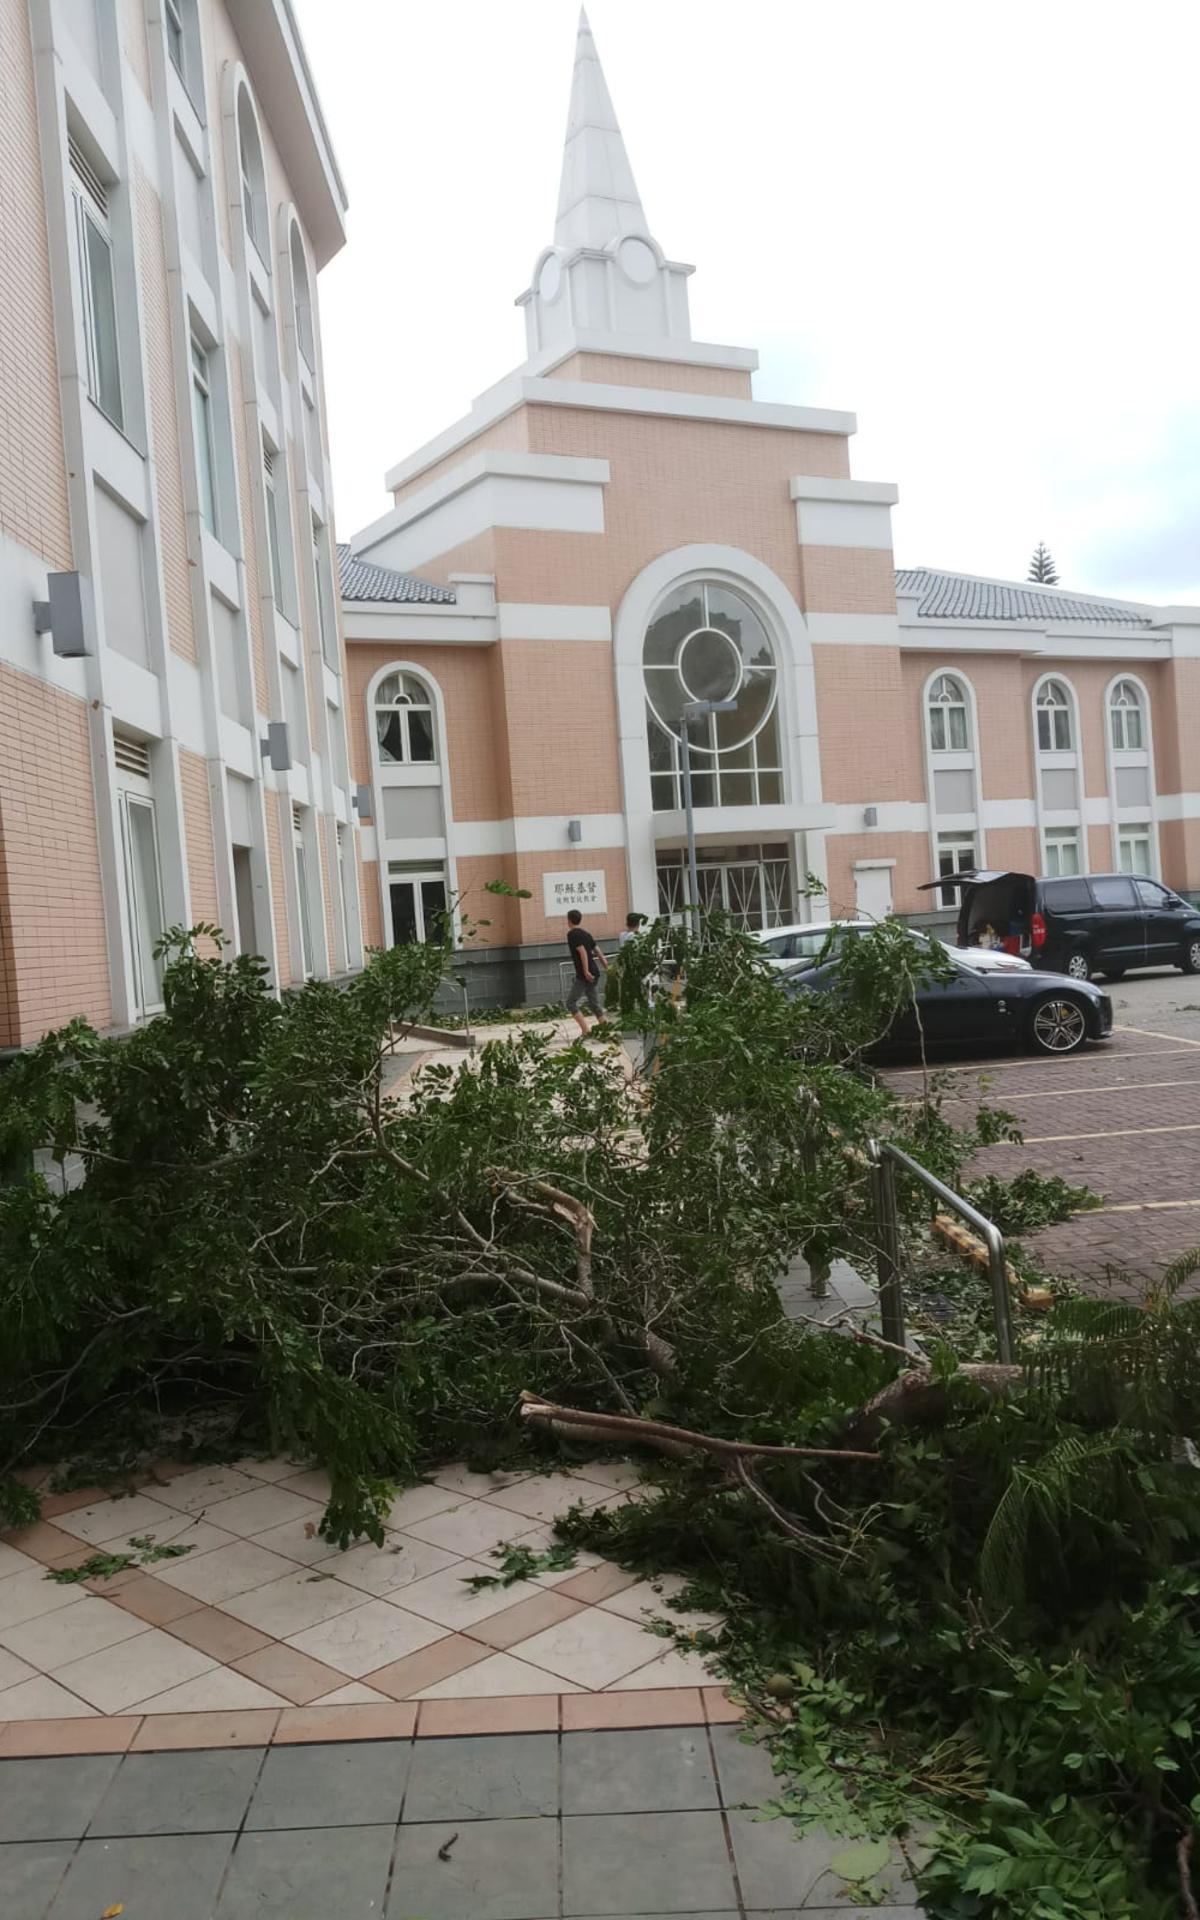 颱風山竹: 傳教士在全港提供服務6